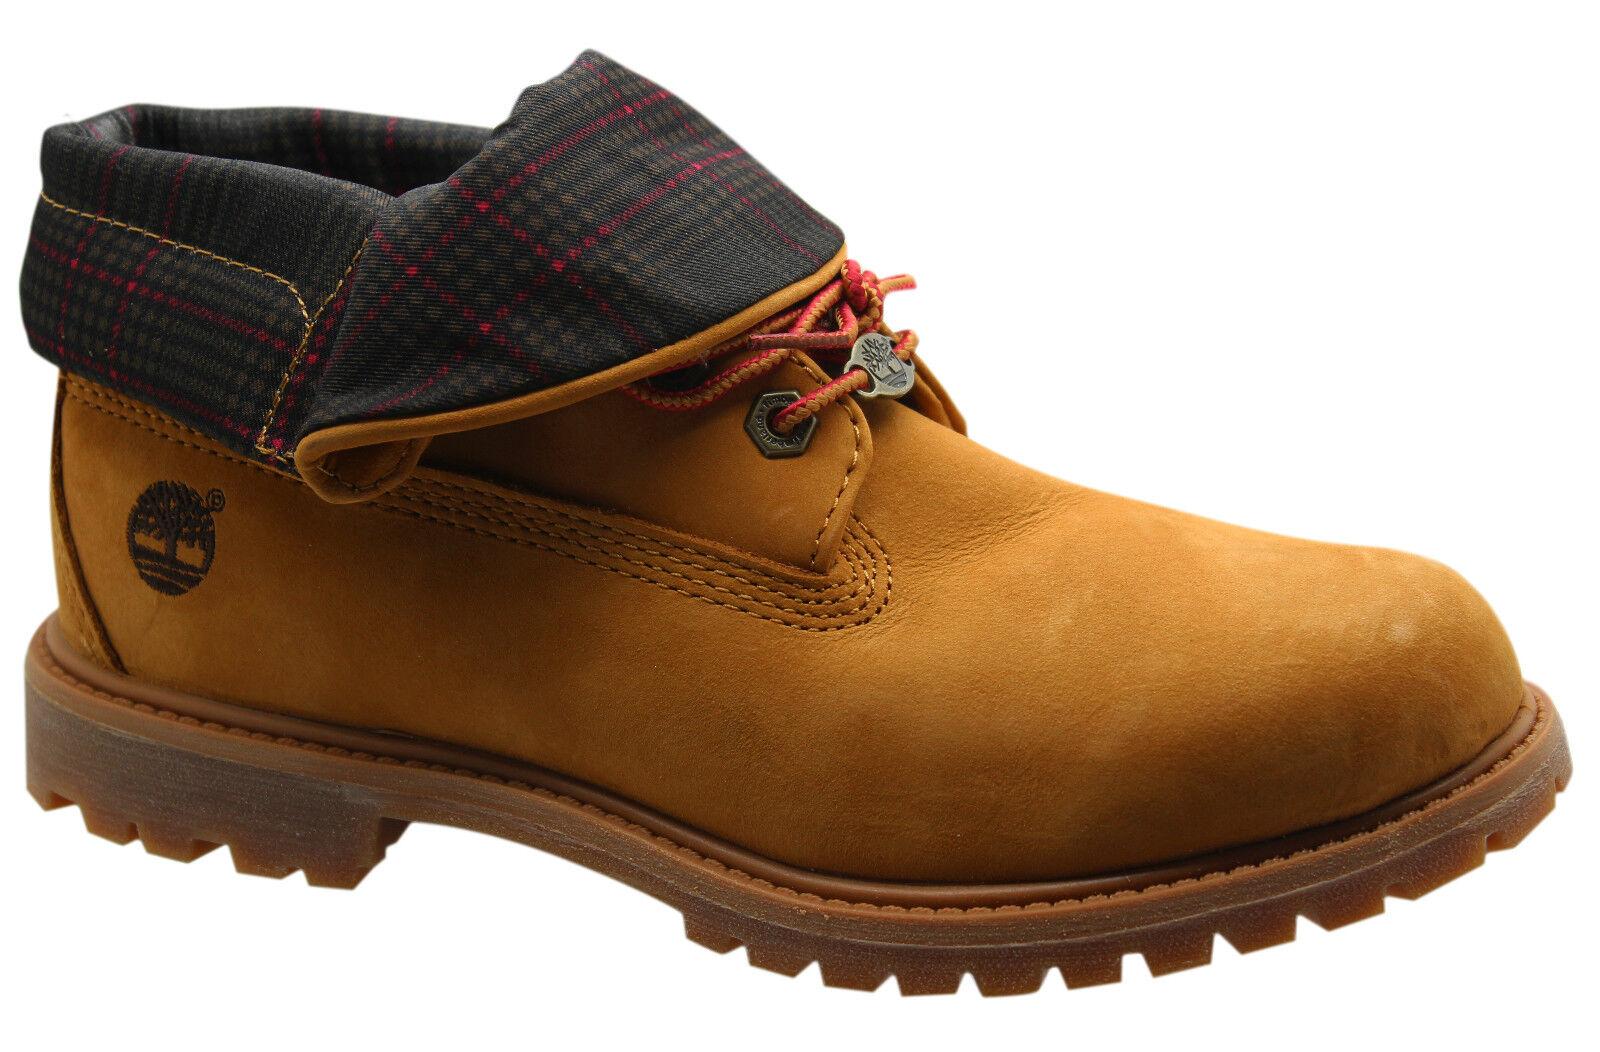 Timberland AF Authentic Roll Top Damen Stiefel Weizen Leder Schnürstiefel 3721r b6b | eBay